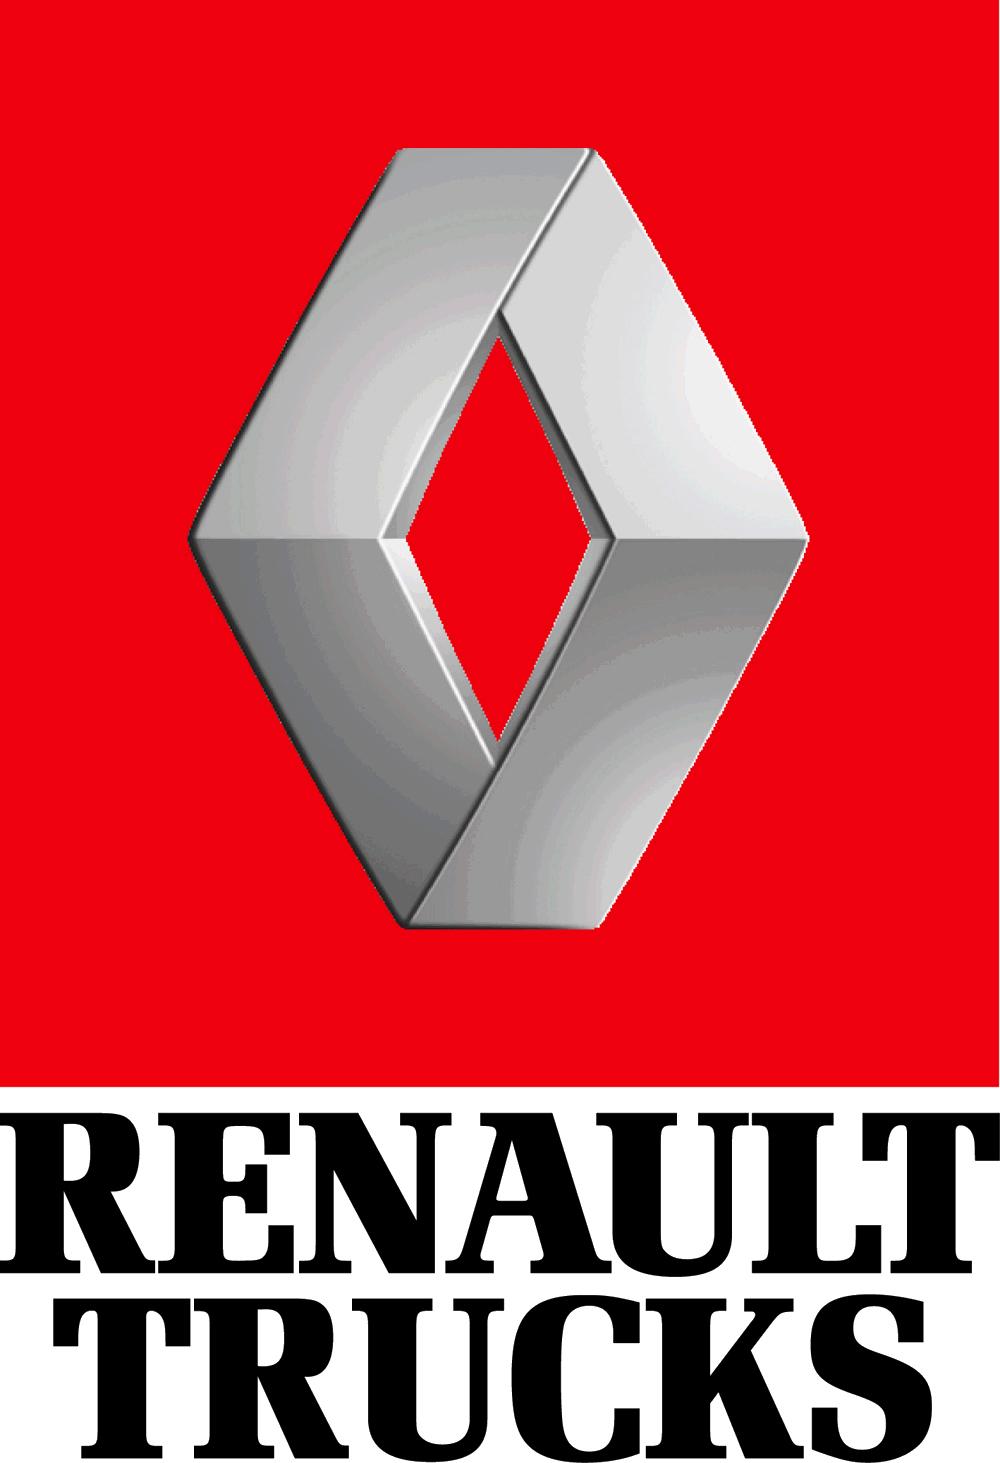 http-::www.logo00.com:logo-renault:logo-renault-trucks.jpg